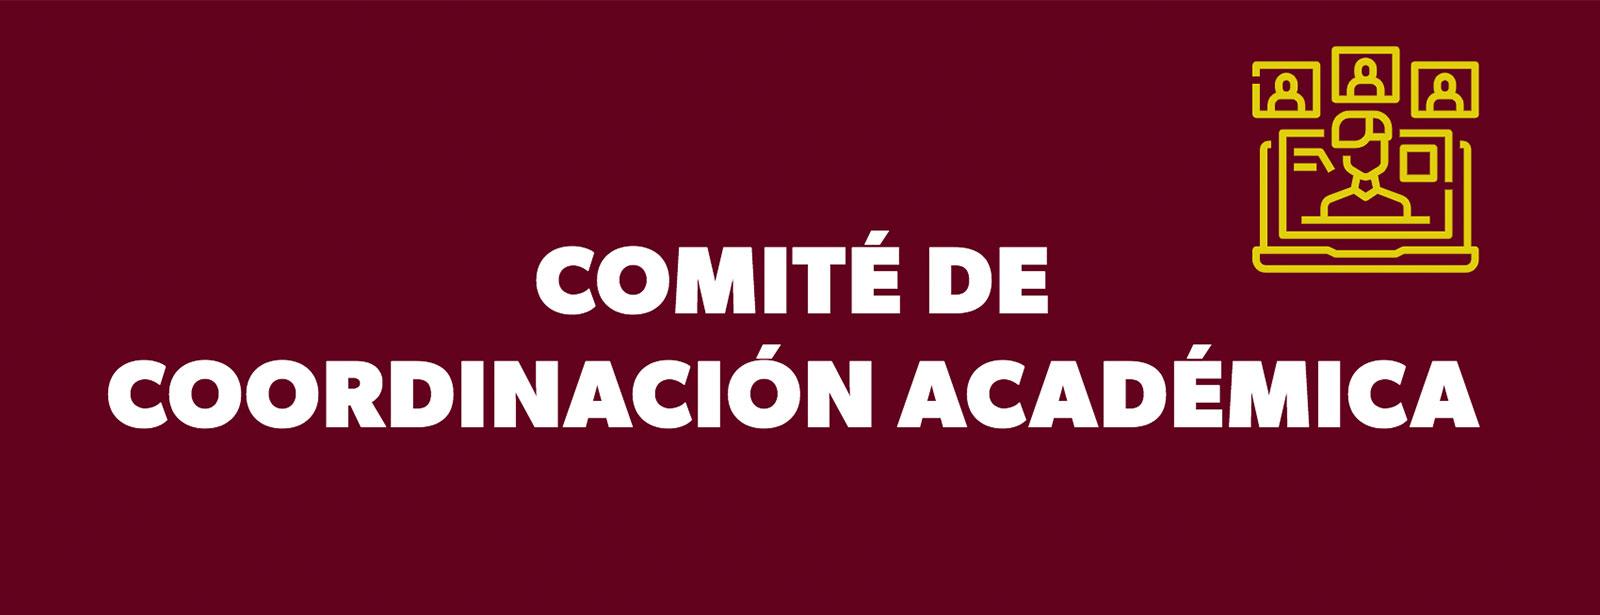 Comité de Coordinación Académica de la Universidad de los Andes